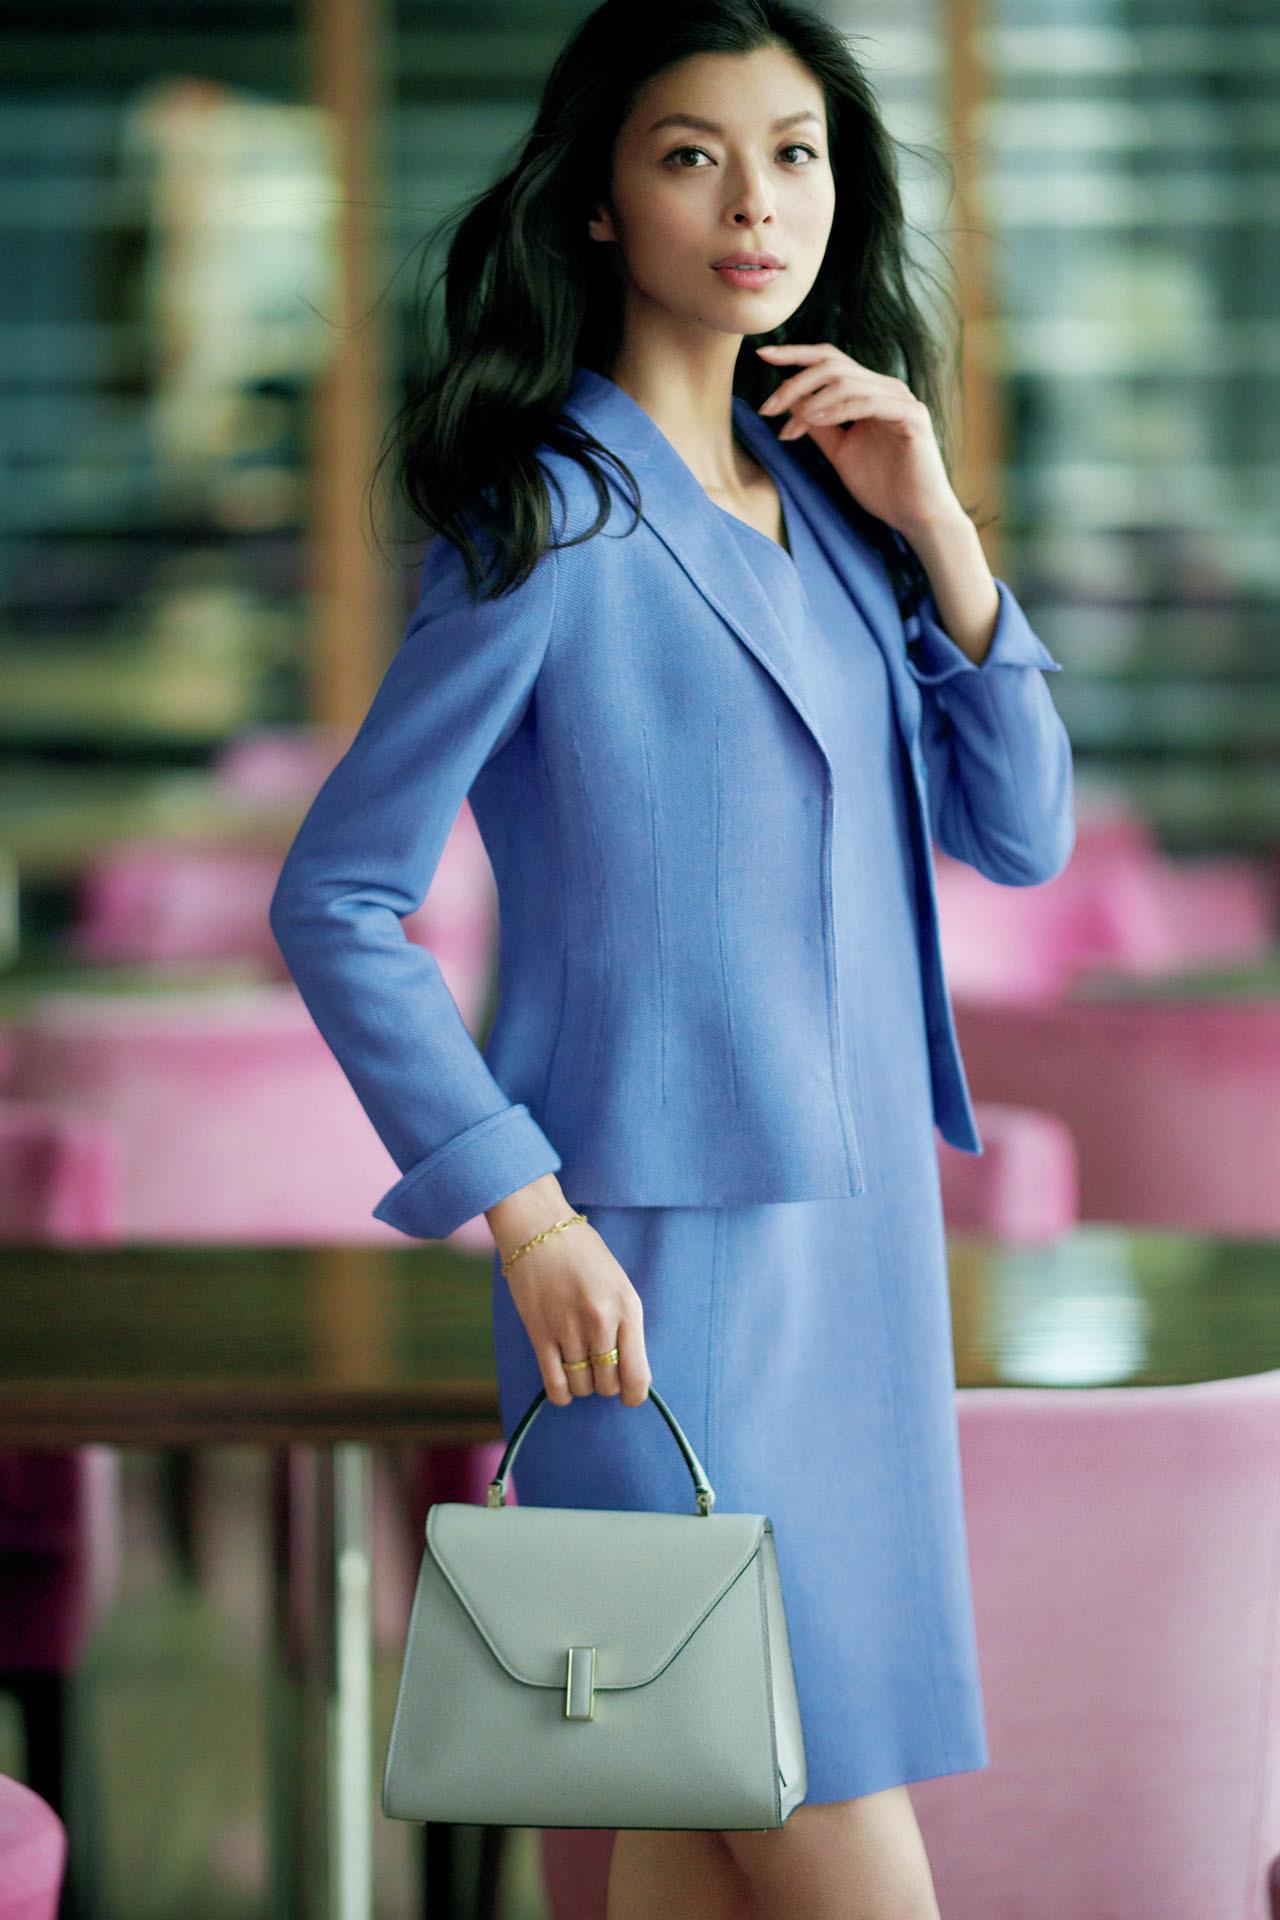 お仕事シーンで聡明さと誠実さを呼び起こす「品格ブルー」  五選_1_1-1